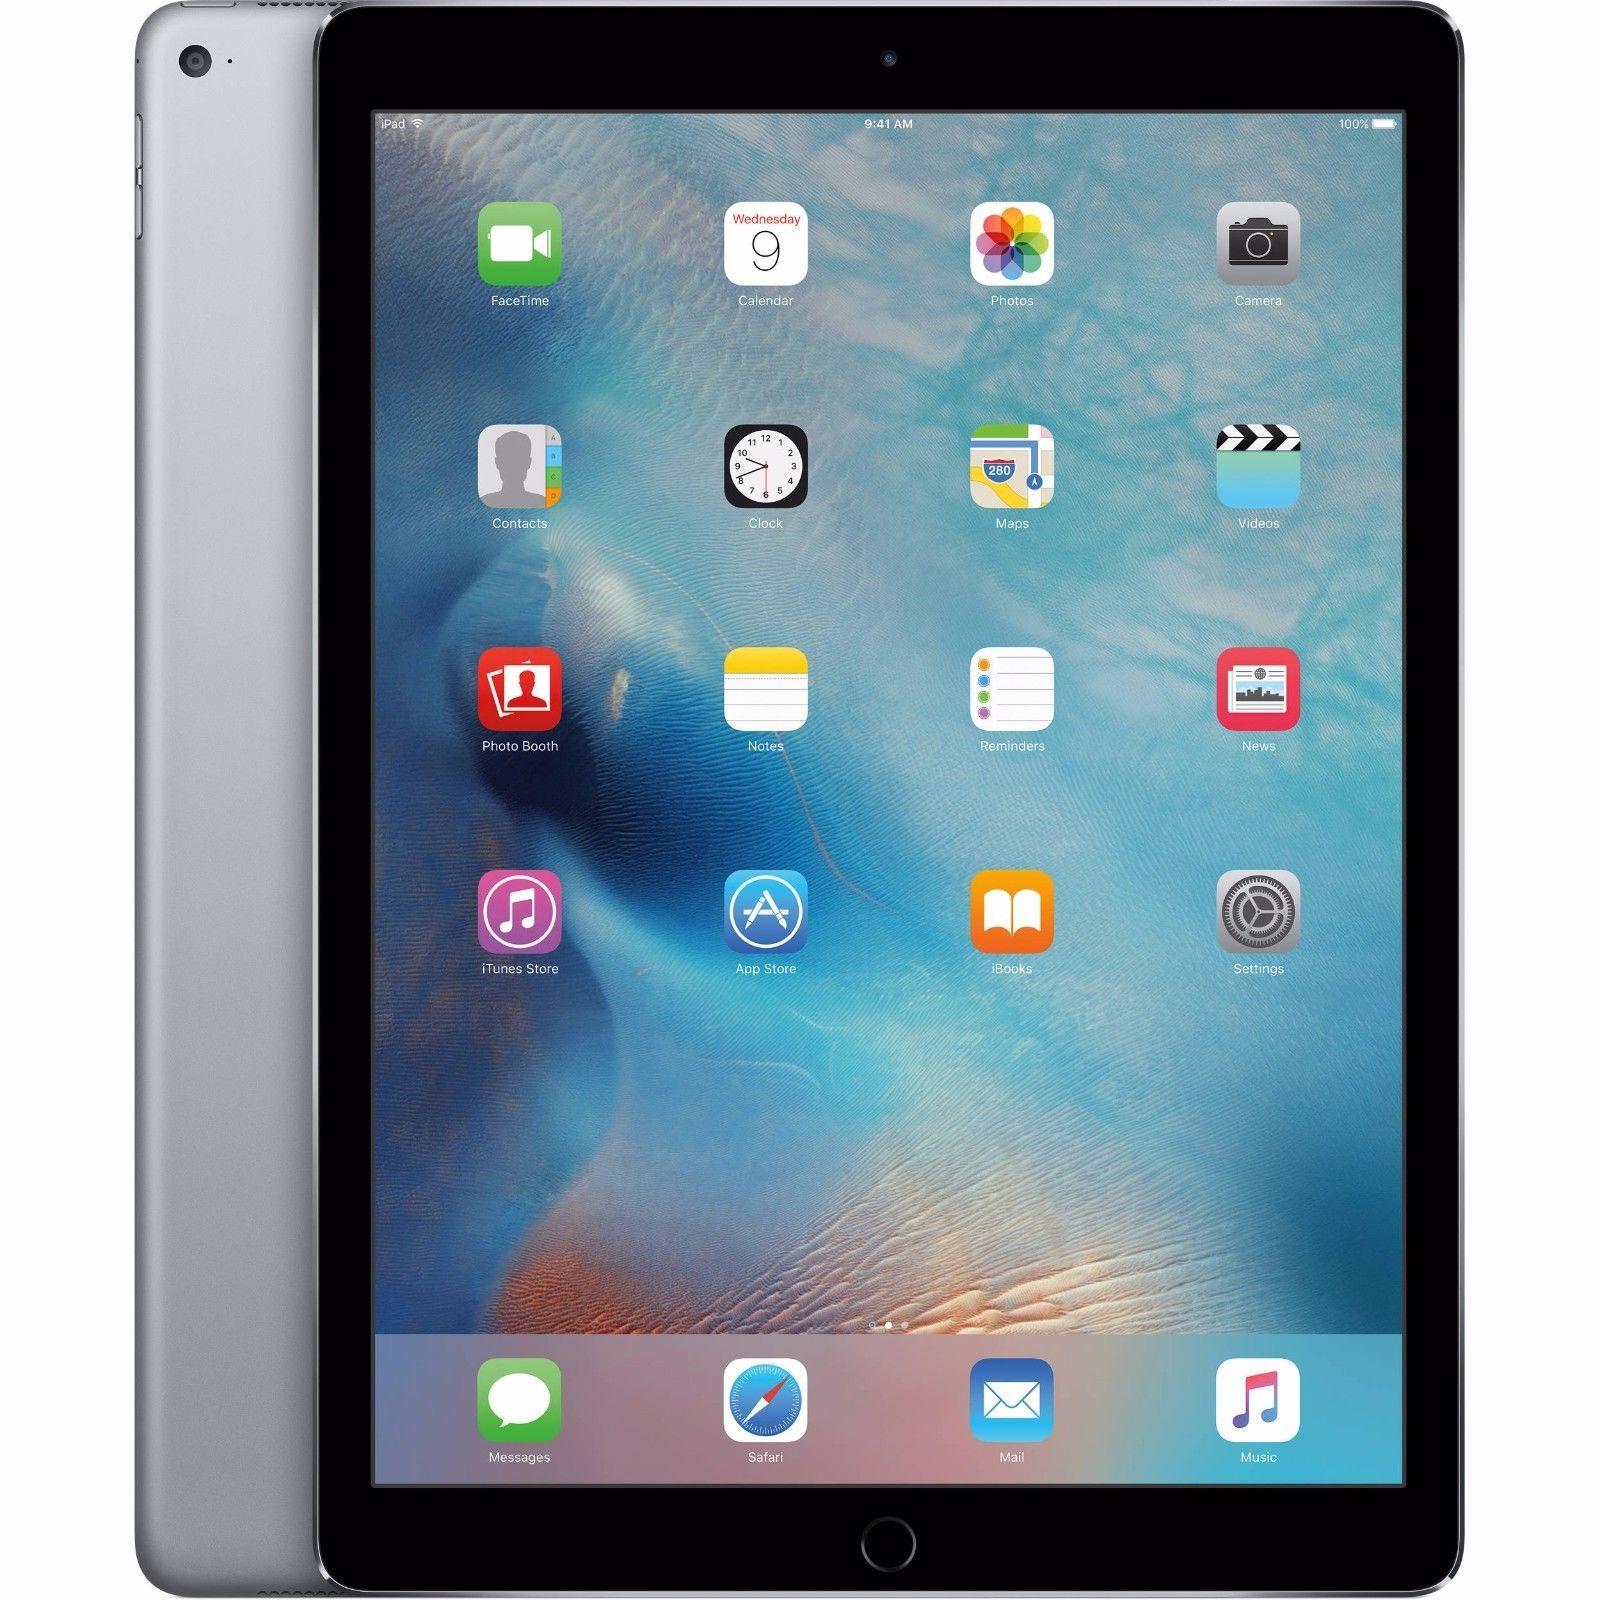 Apple Ipad 5th Gen 2017 32gb Wi Fi 9 7inch Space Gray Grade A R Ebay Apple Ipad Pro New Apple Ipad Apple Ipad Mini